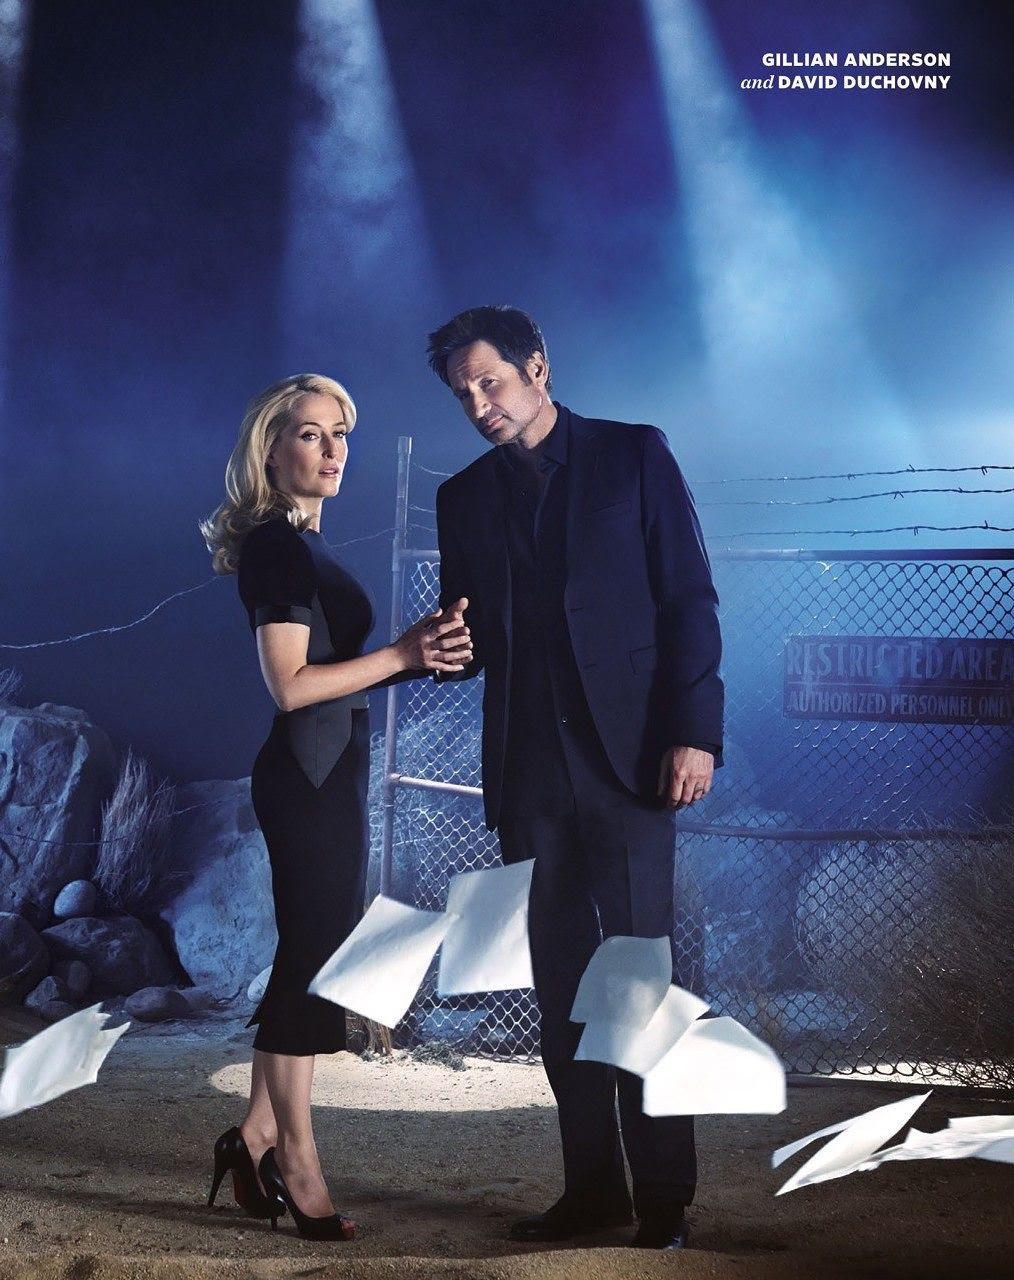 X-Files: Gillian Anderson e David Duchovny in un'immagine promozionale della nuova stagione